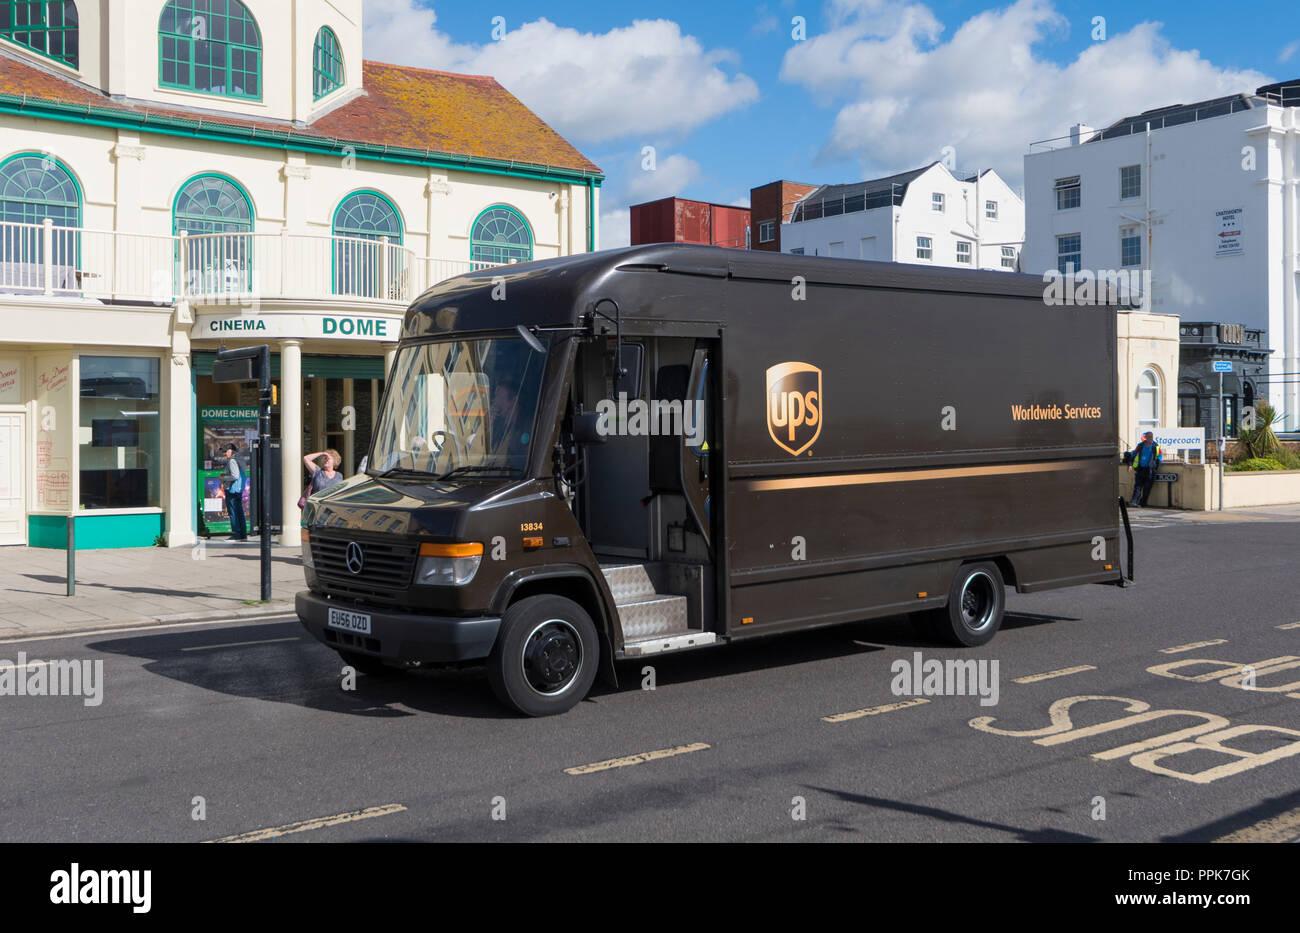 Brown Services de livraison de colis UPS Worldwide van dans le West Sussex, Angleterre, Royaume-Uni. Photo Stock